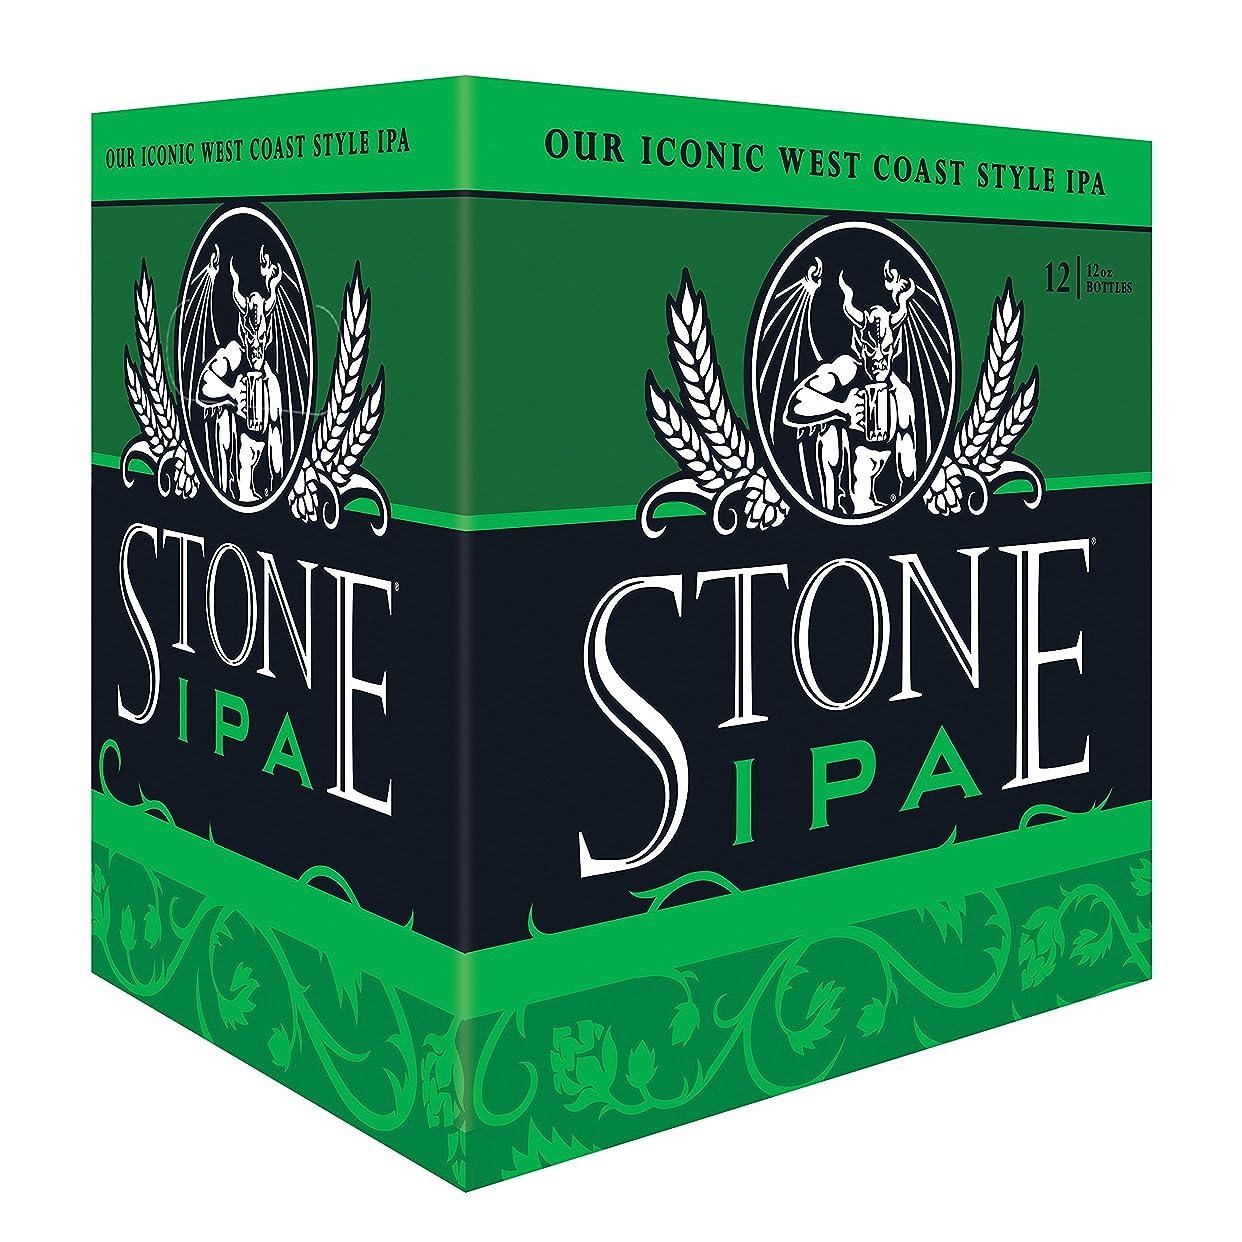 ラッカス不適当要塞アメリカ クラフトビール業界のカリスマ ブリュワリーの看板商品 ストーン IPA 355ml x 12本